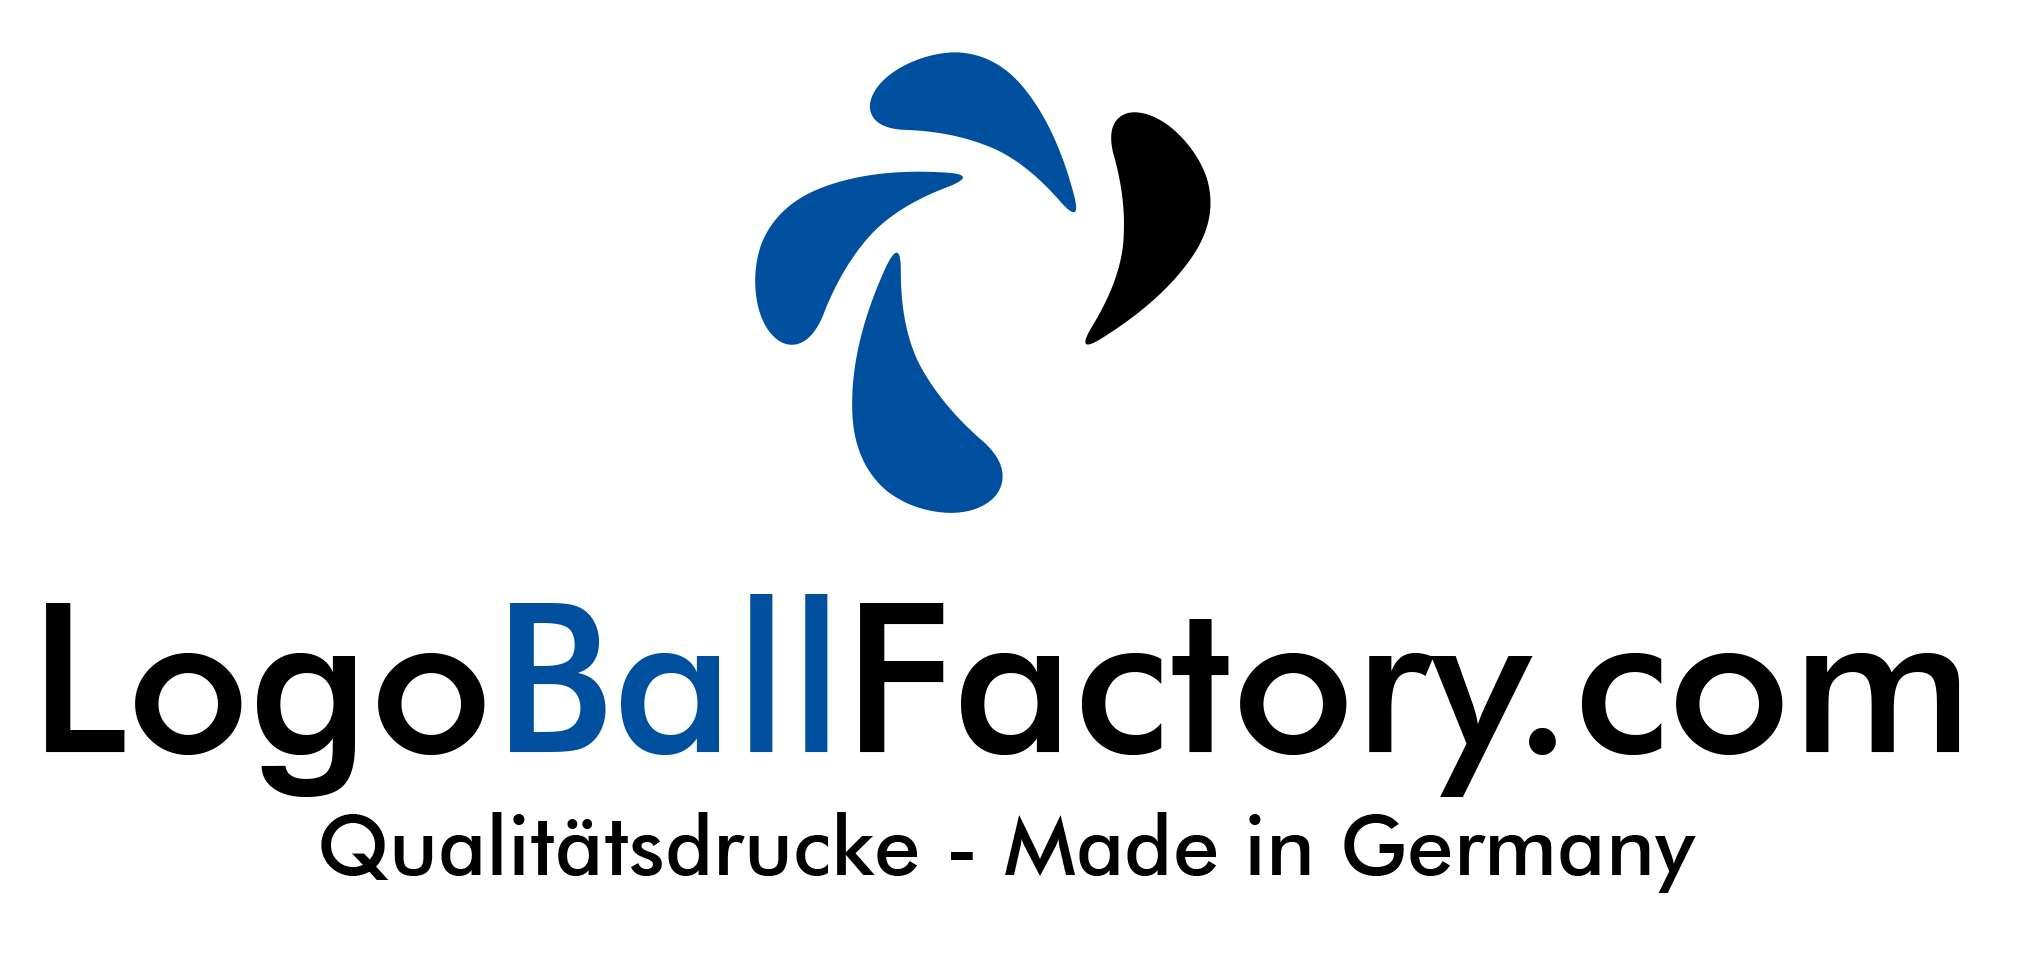 LogoBallFactory.com